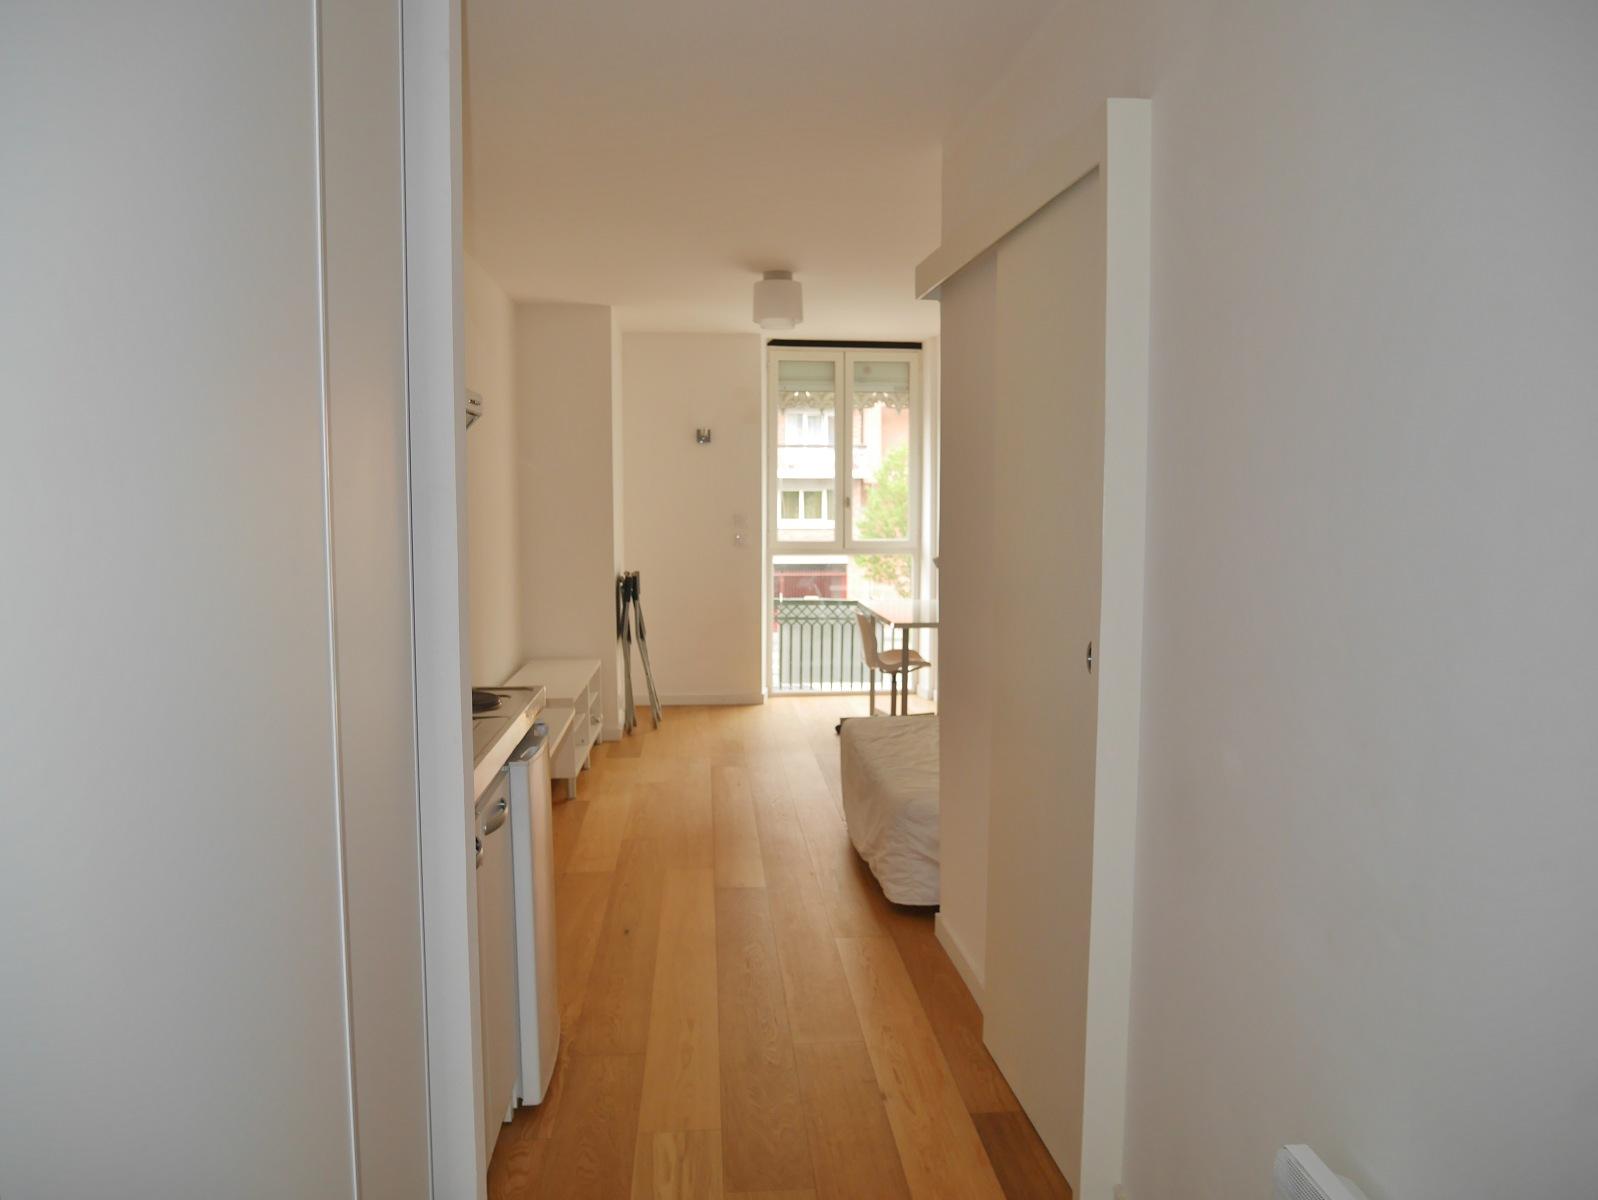 Location appartement Toulouse : un appartement idéal